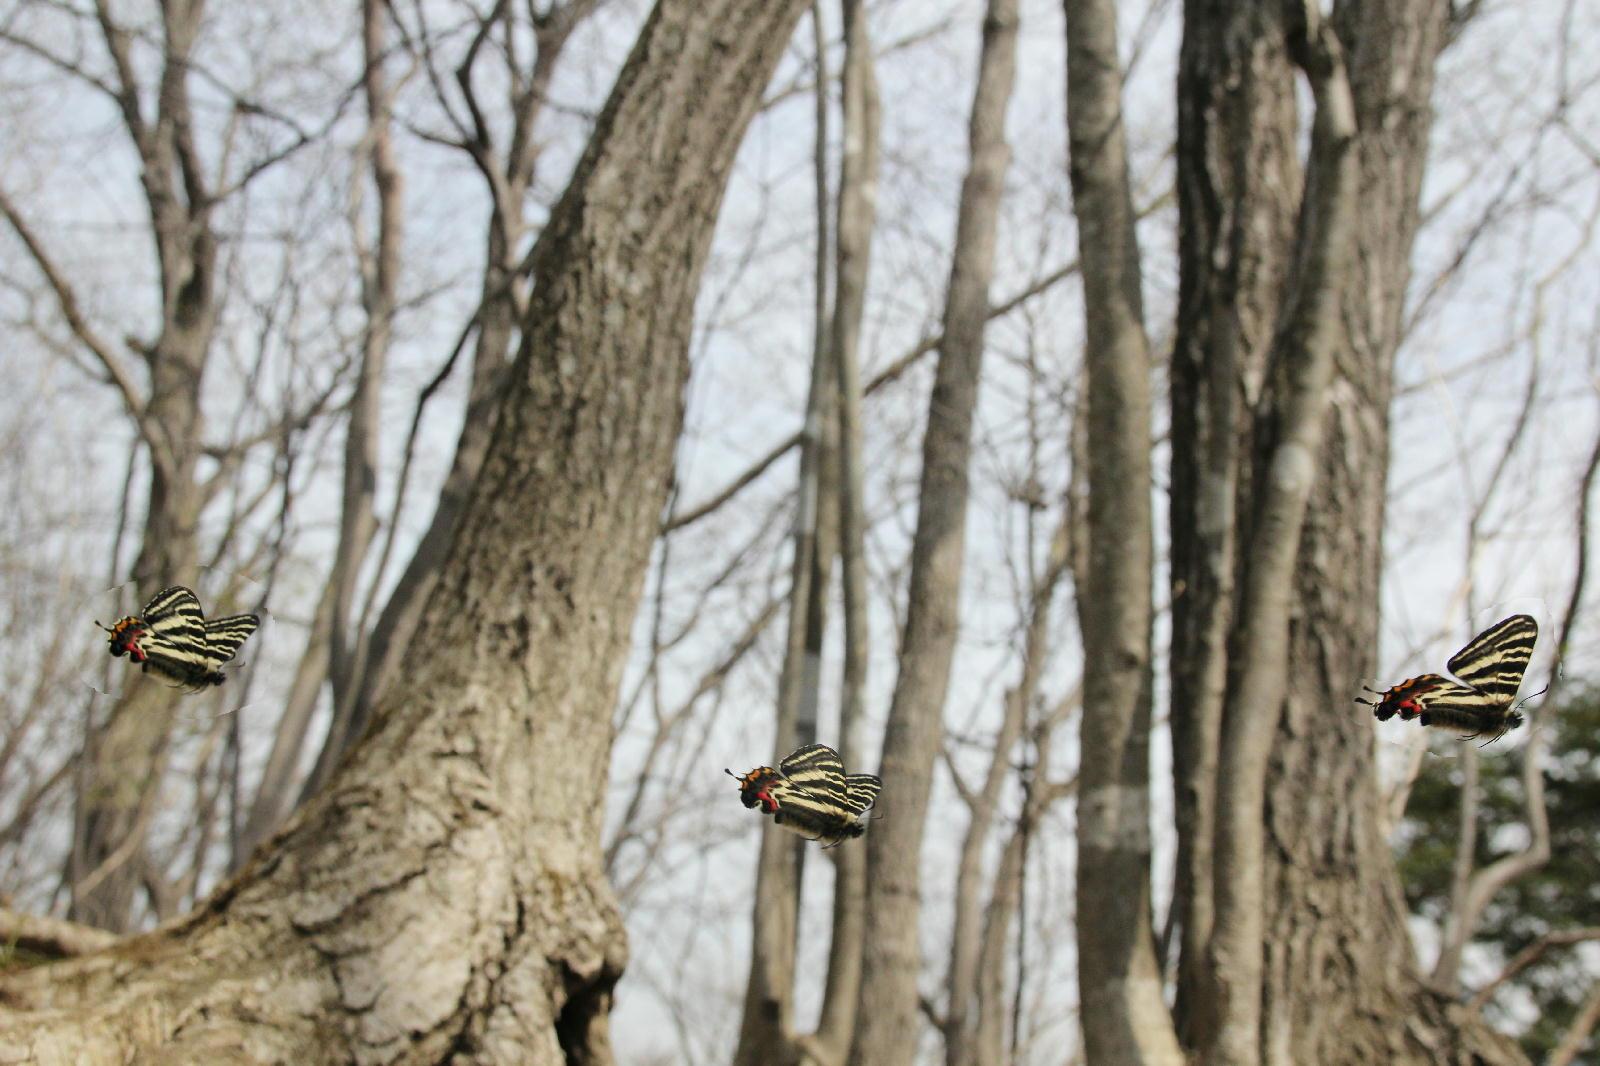 ギフチョウ ピーク縄張り飛翔  2012.4.10神奈川県①_a0146869_21455167.jpg